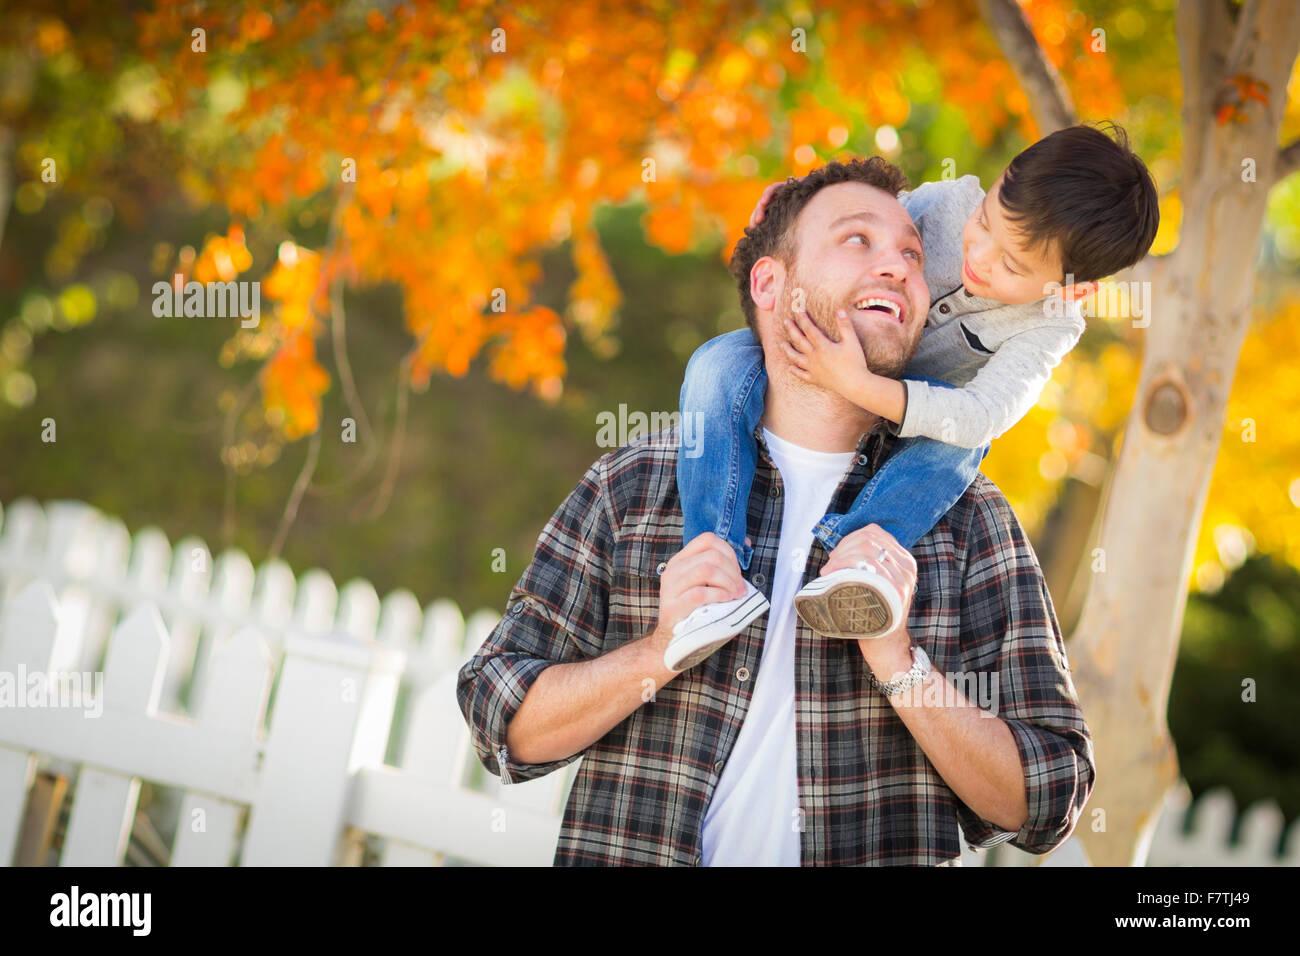 Feliz Mestizos Boy Caballo Piggyback sobre los hombros del Padre caucásico. Imagen De Stock